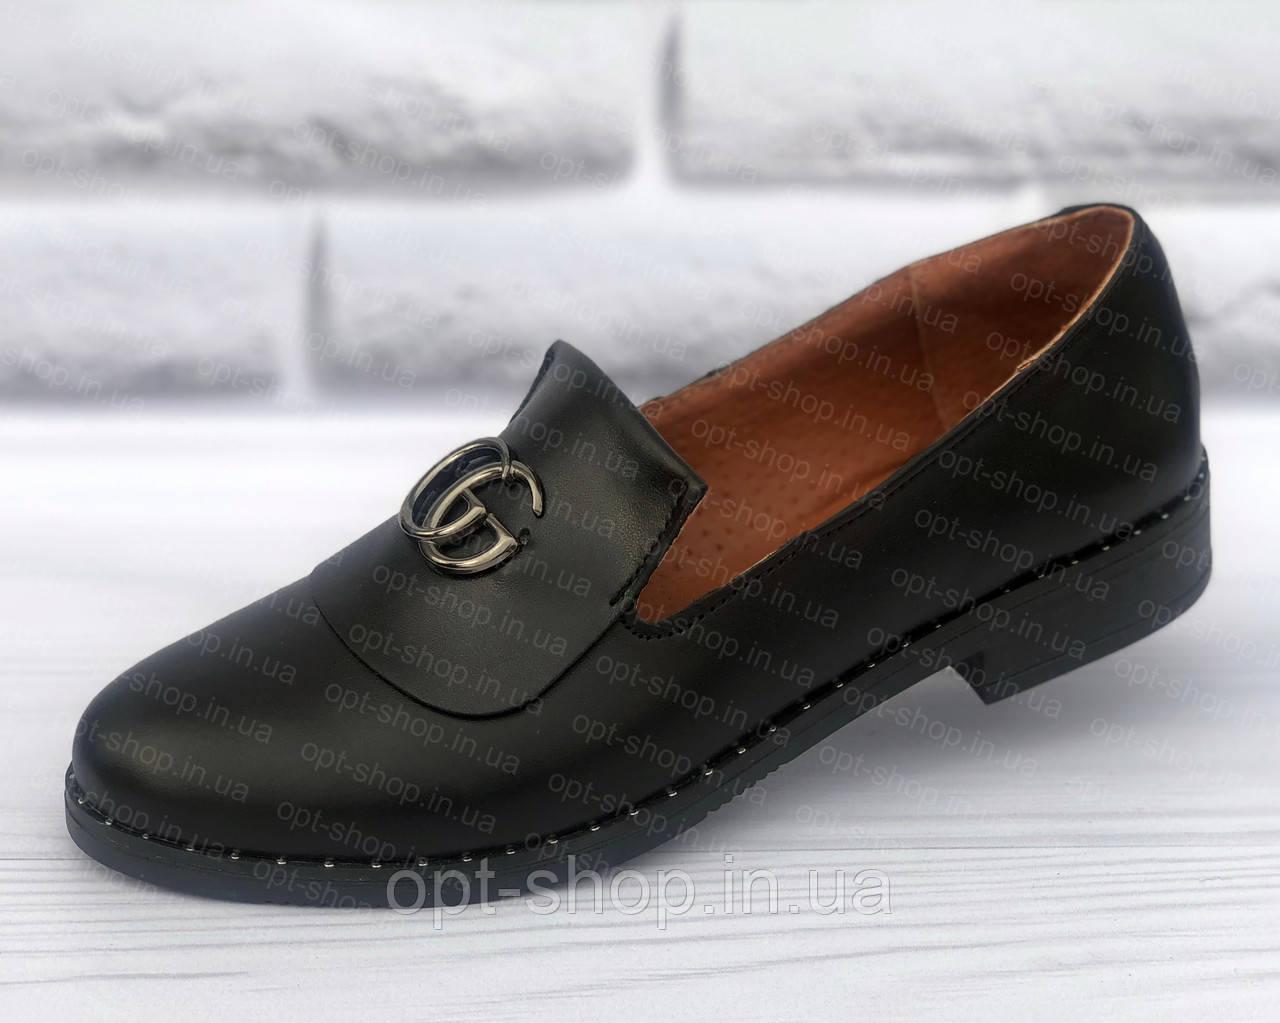 Балетки женские кожаные весенние демисезонные, женские кожаные туфли низкий ход (код:И-лоферы-чк)